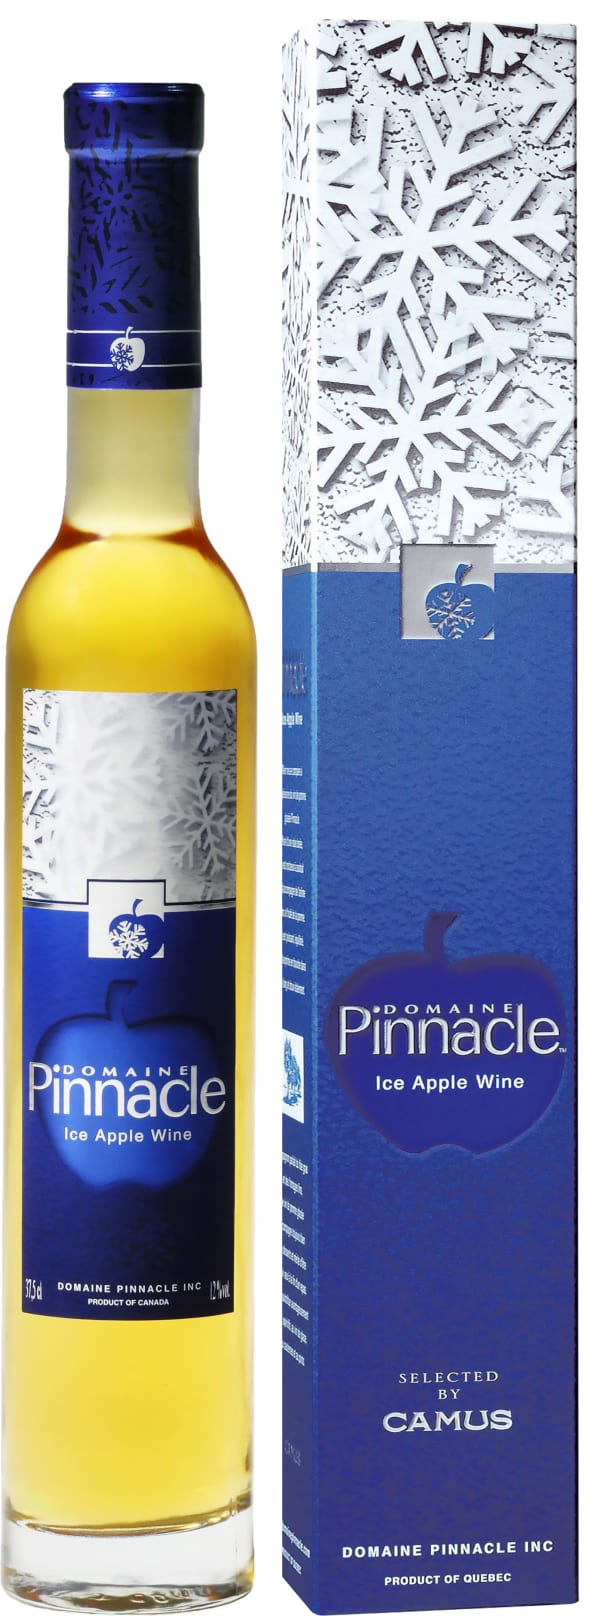 Domaine Pinnacle Ice Apple Wine